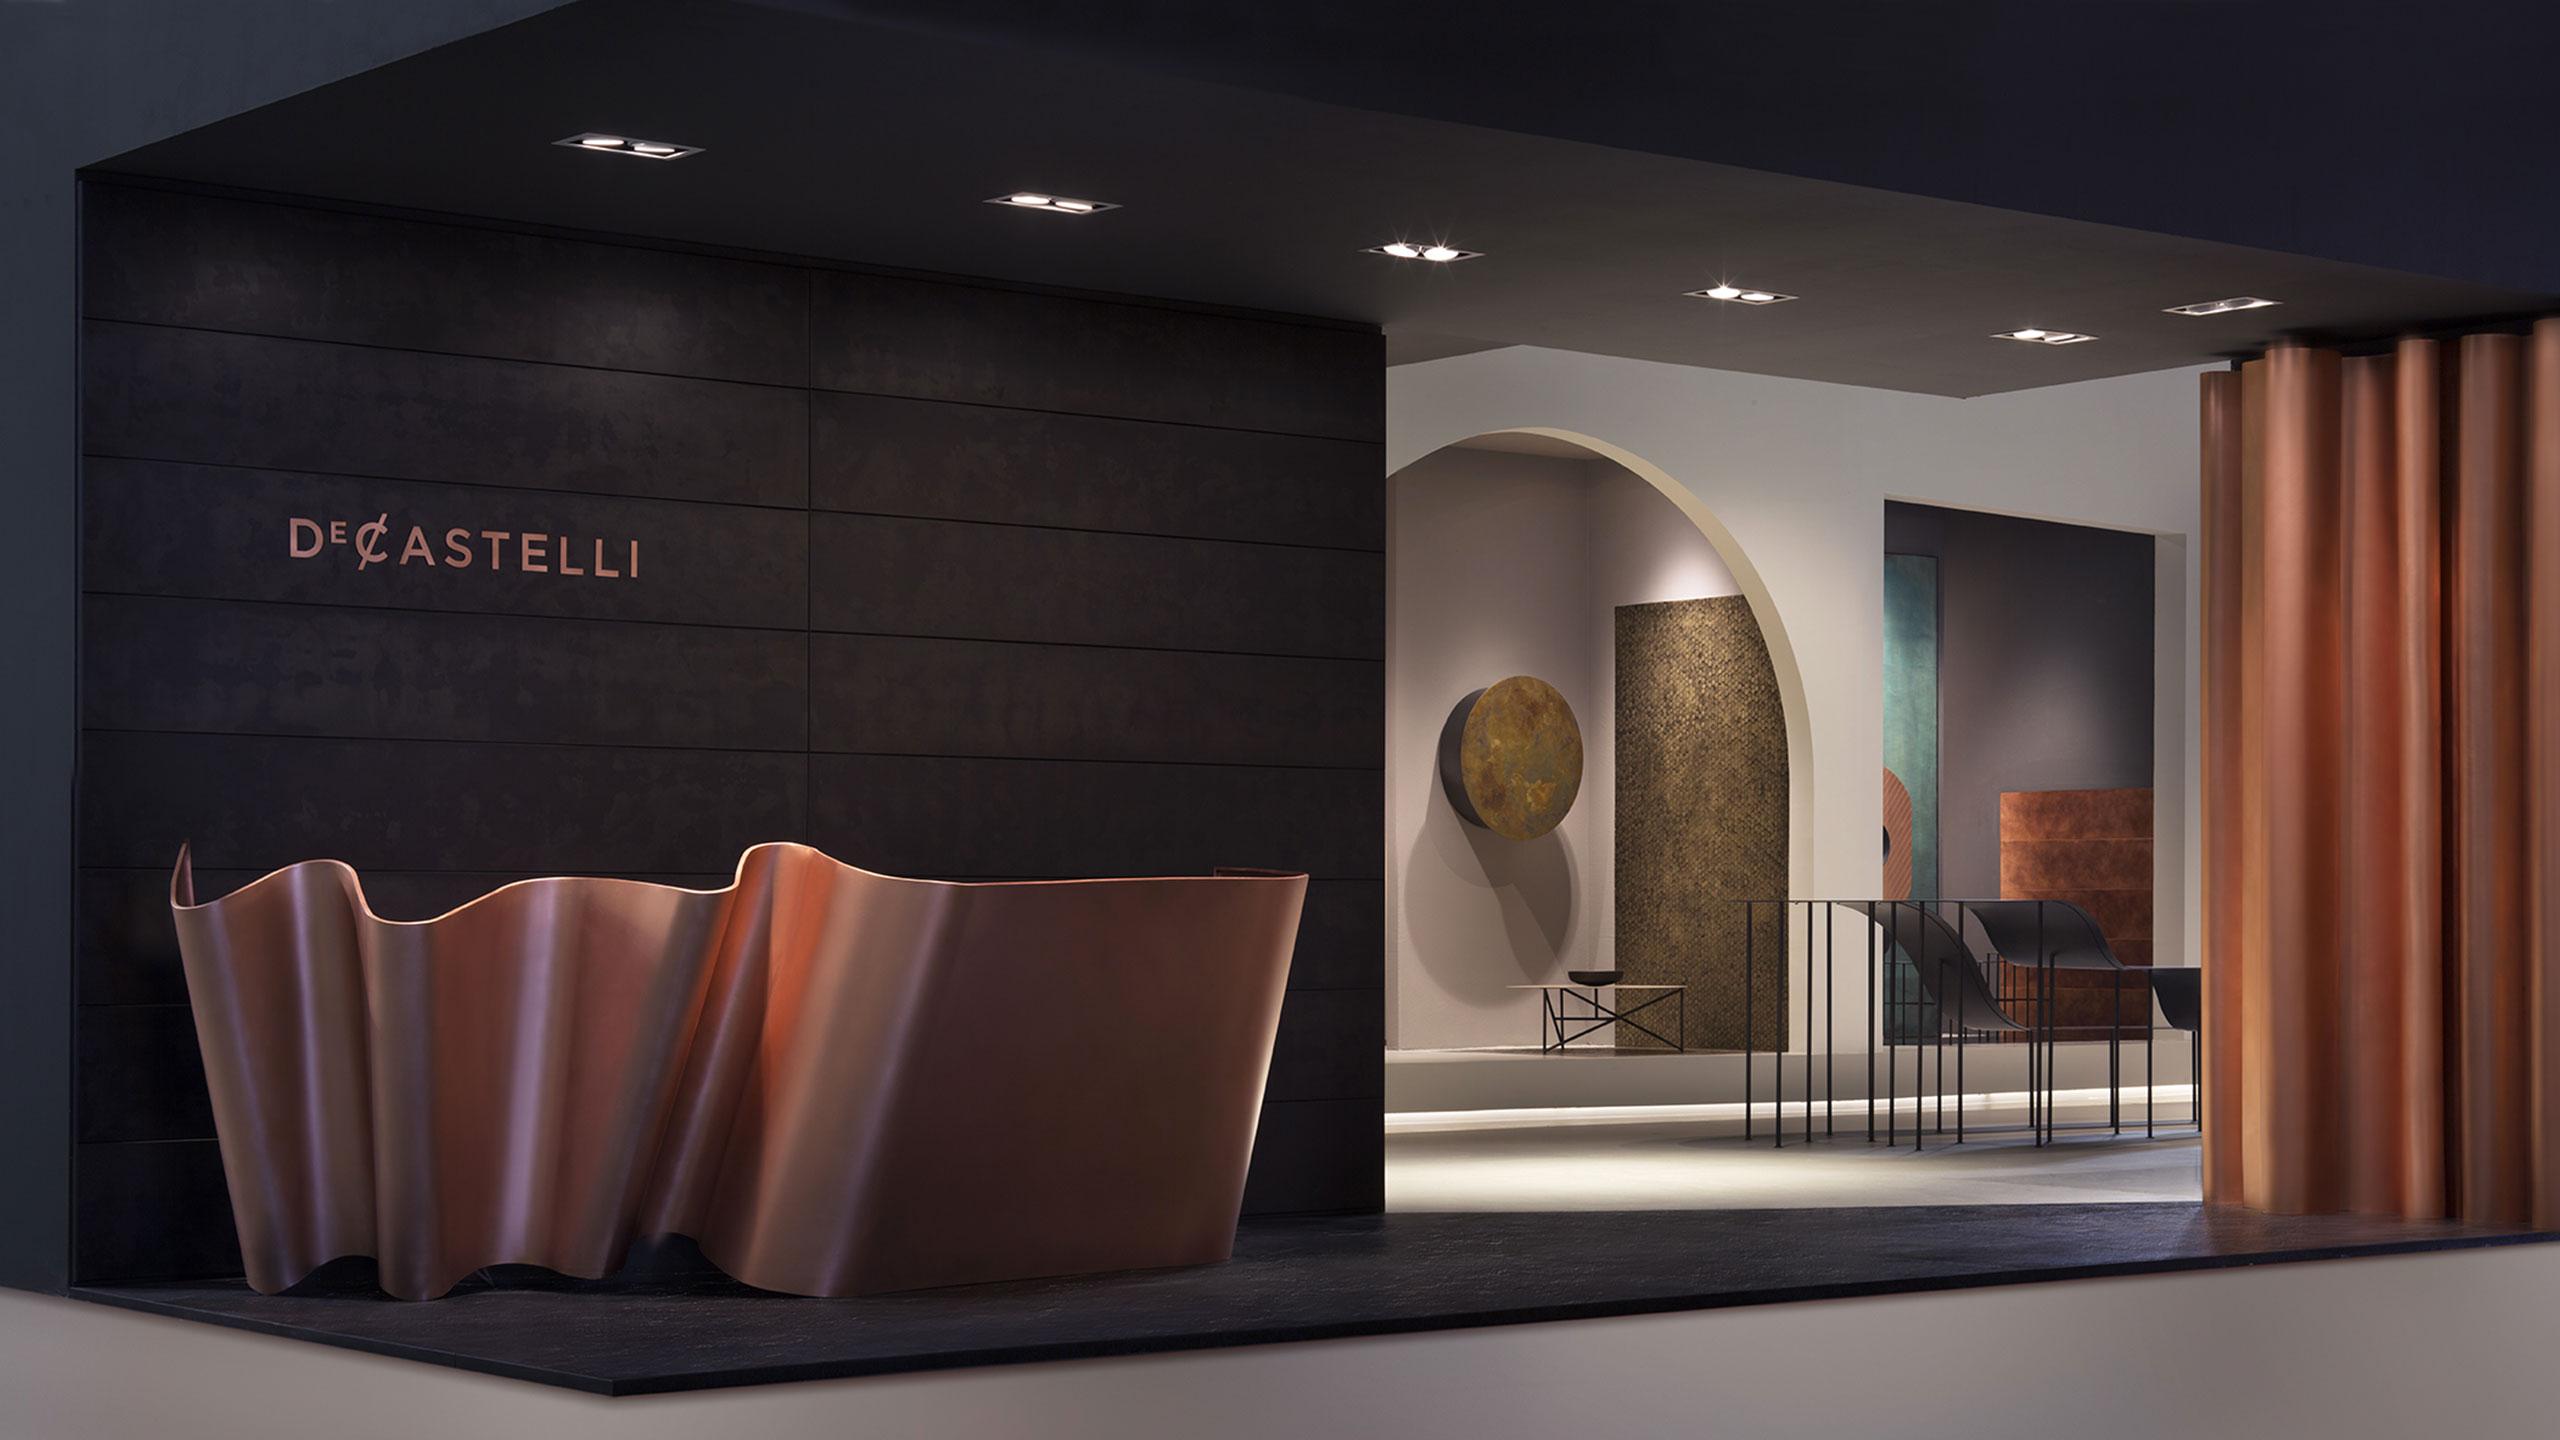 De Castelli - Salone del Mobile 2019